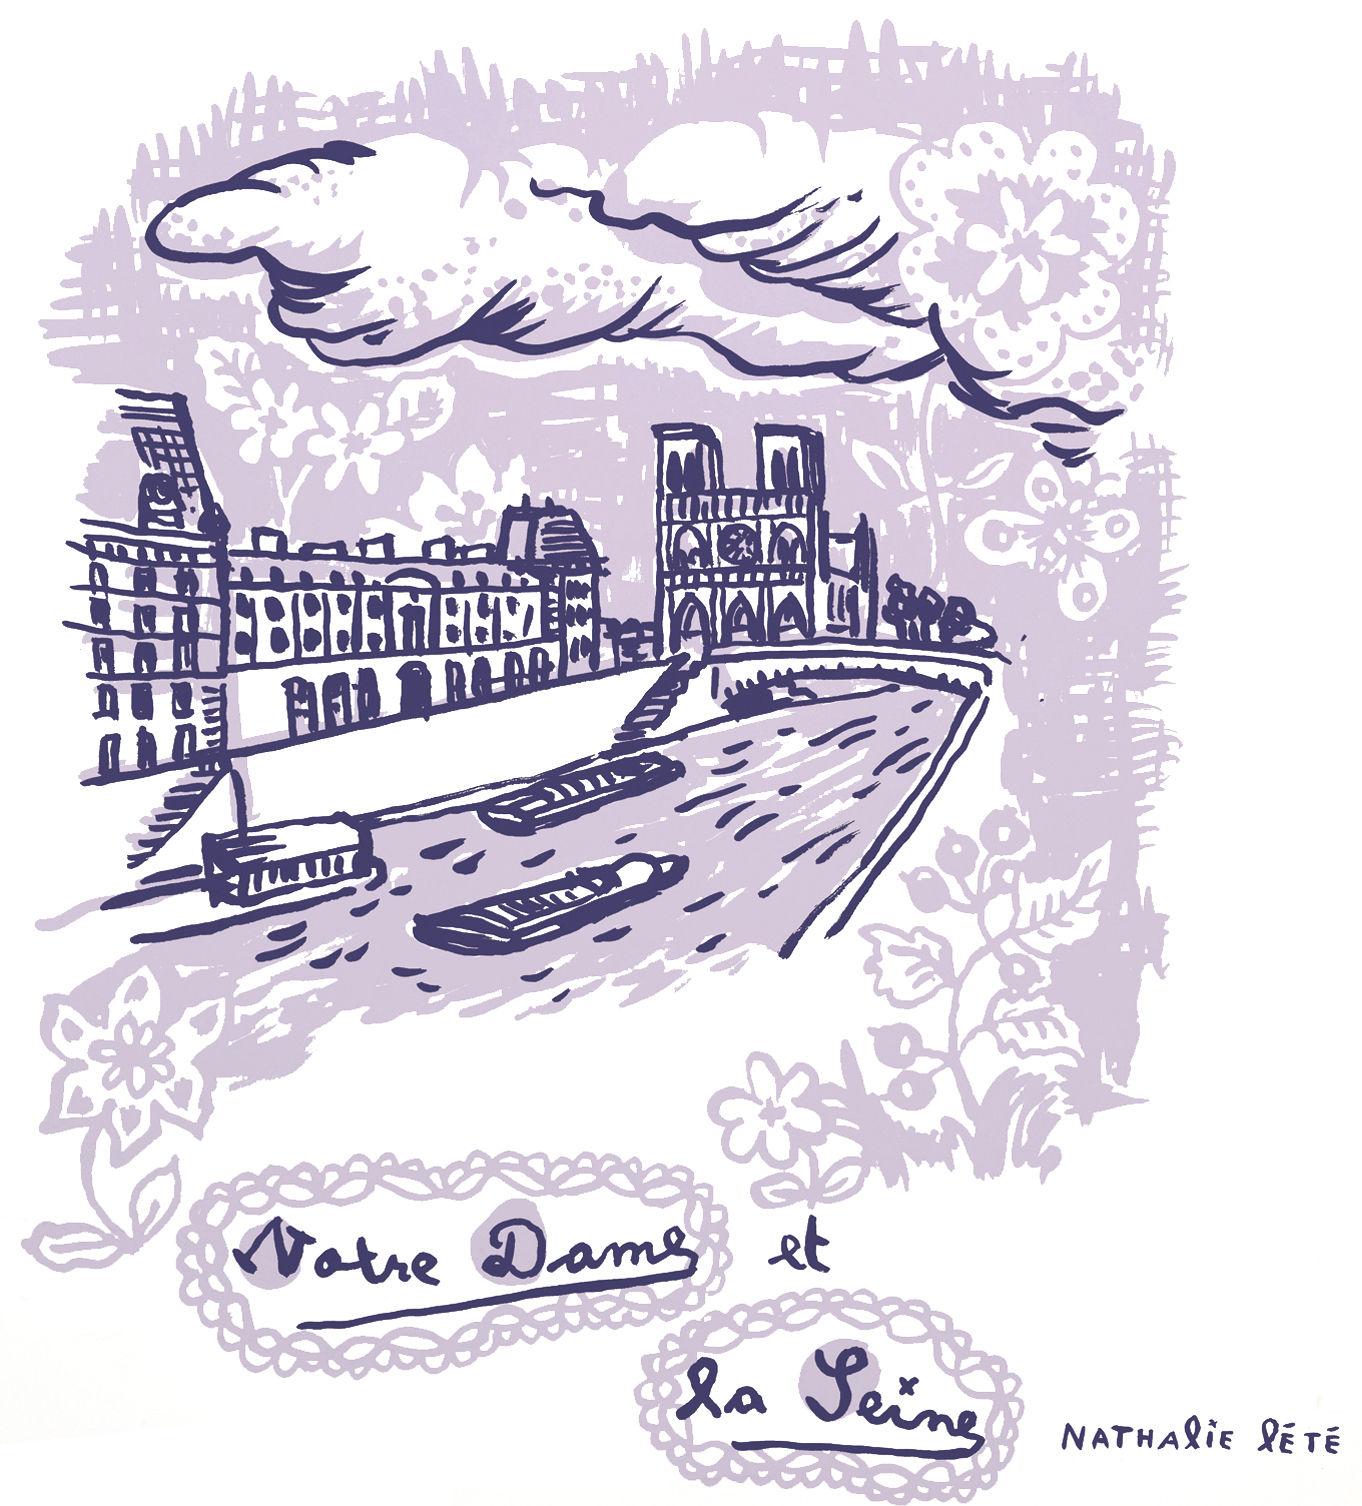 Déco - Pour les enfants - Sticker Notre dame / 25 x 25 cm - Domestic - Notre dame / Violet - Vinyl